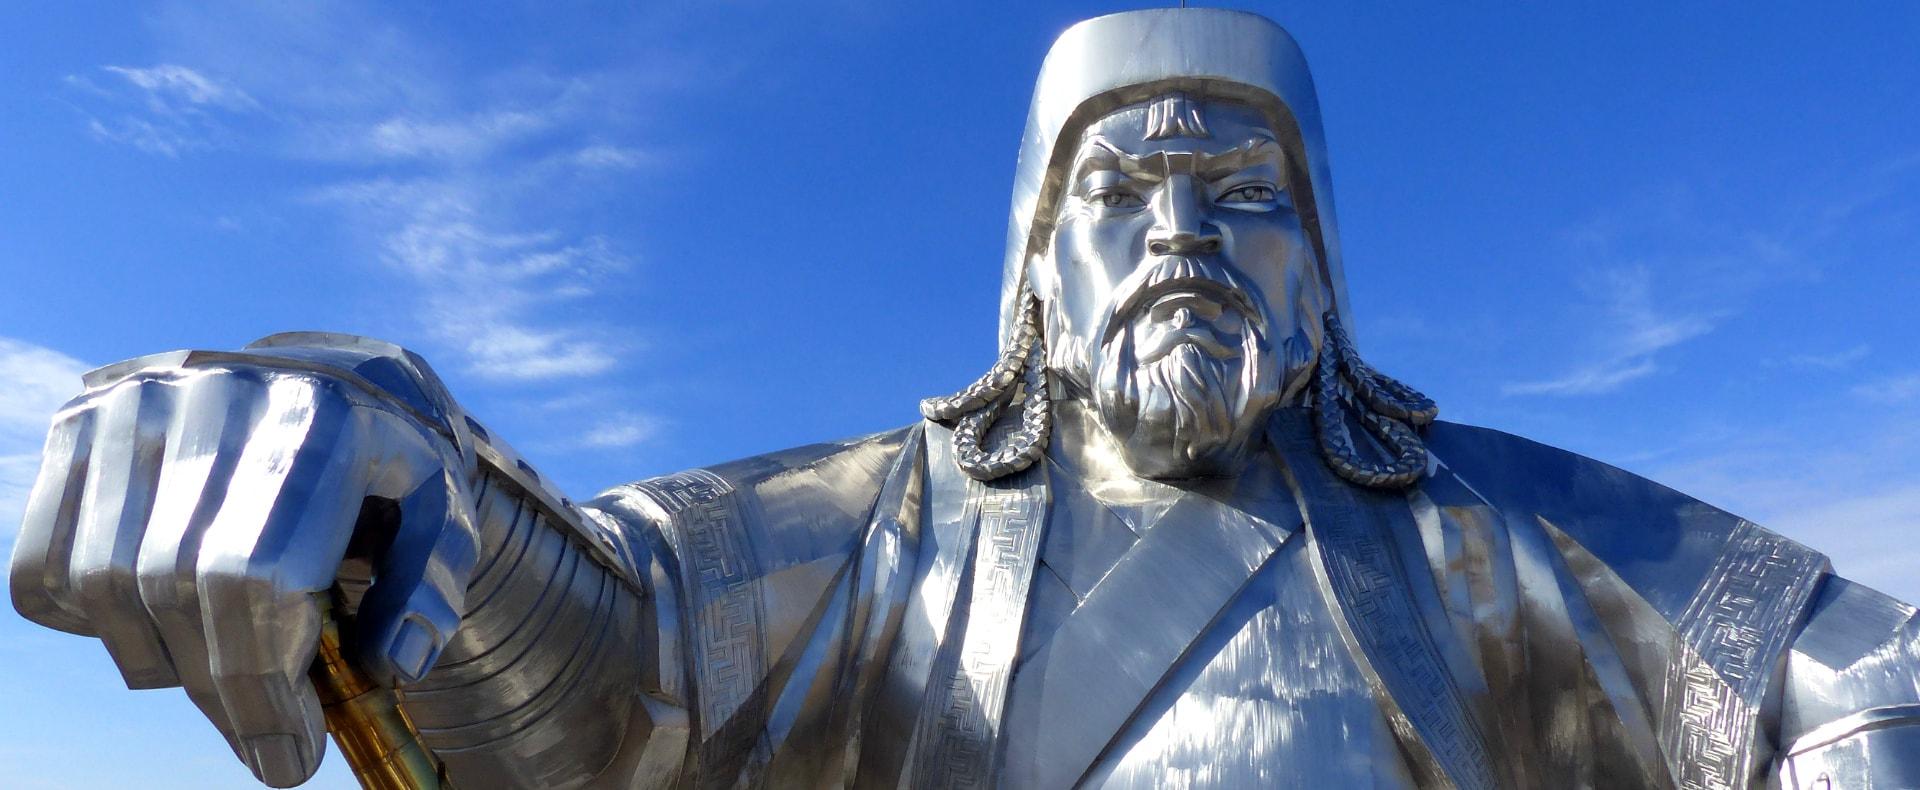 Mongolia, Genghis Khan Statue